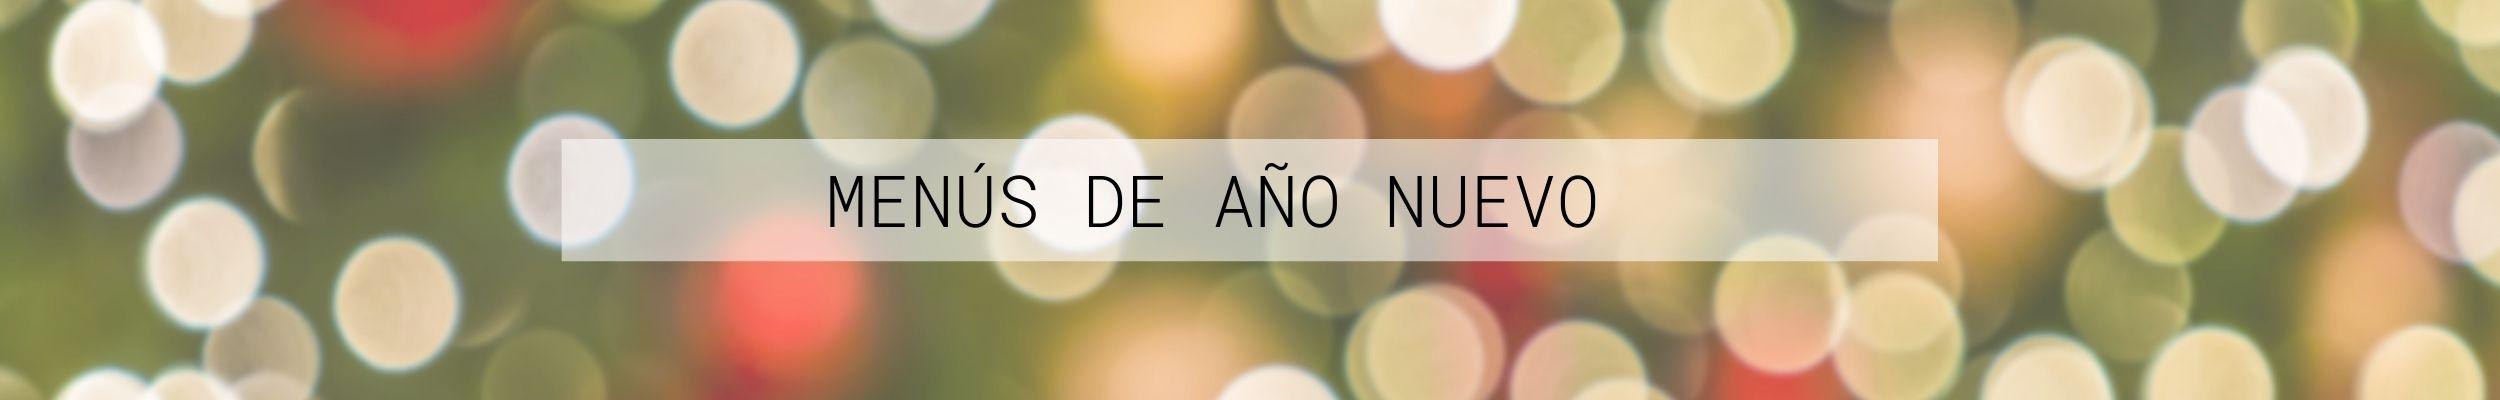 menu-año-nuevo-banner-2500x400